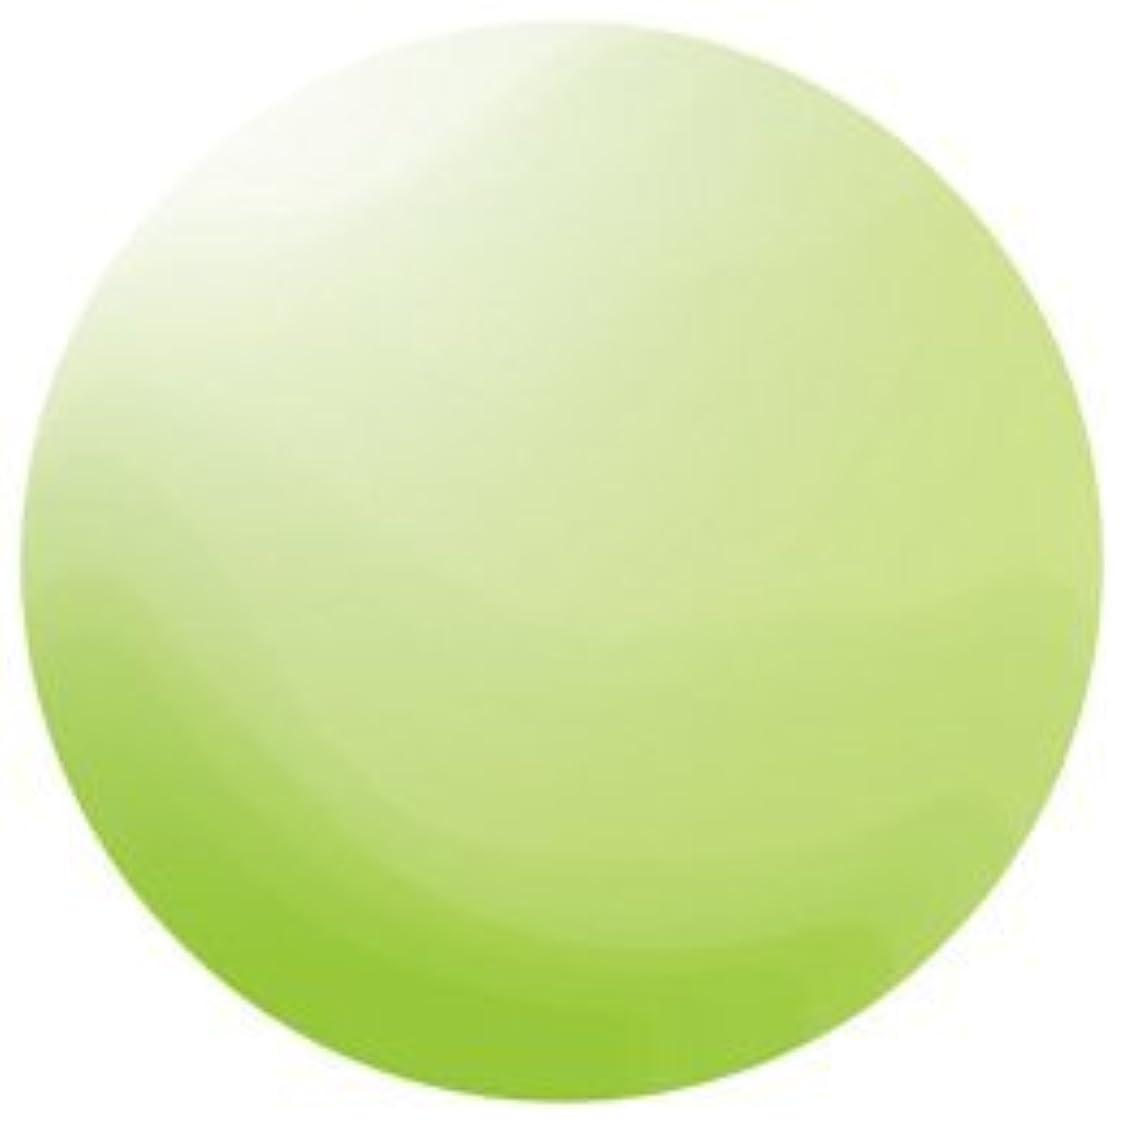 不規則性団結収束するKOKOIST カラージェル E-136 4g ペリドットグリーンビーチグラス